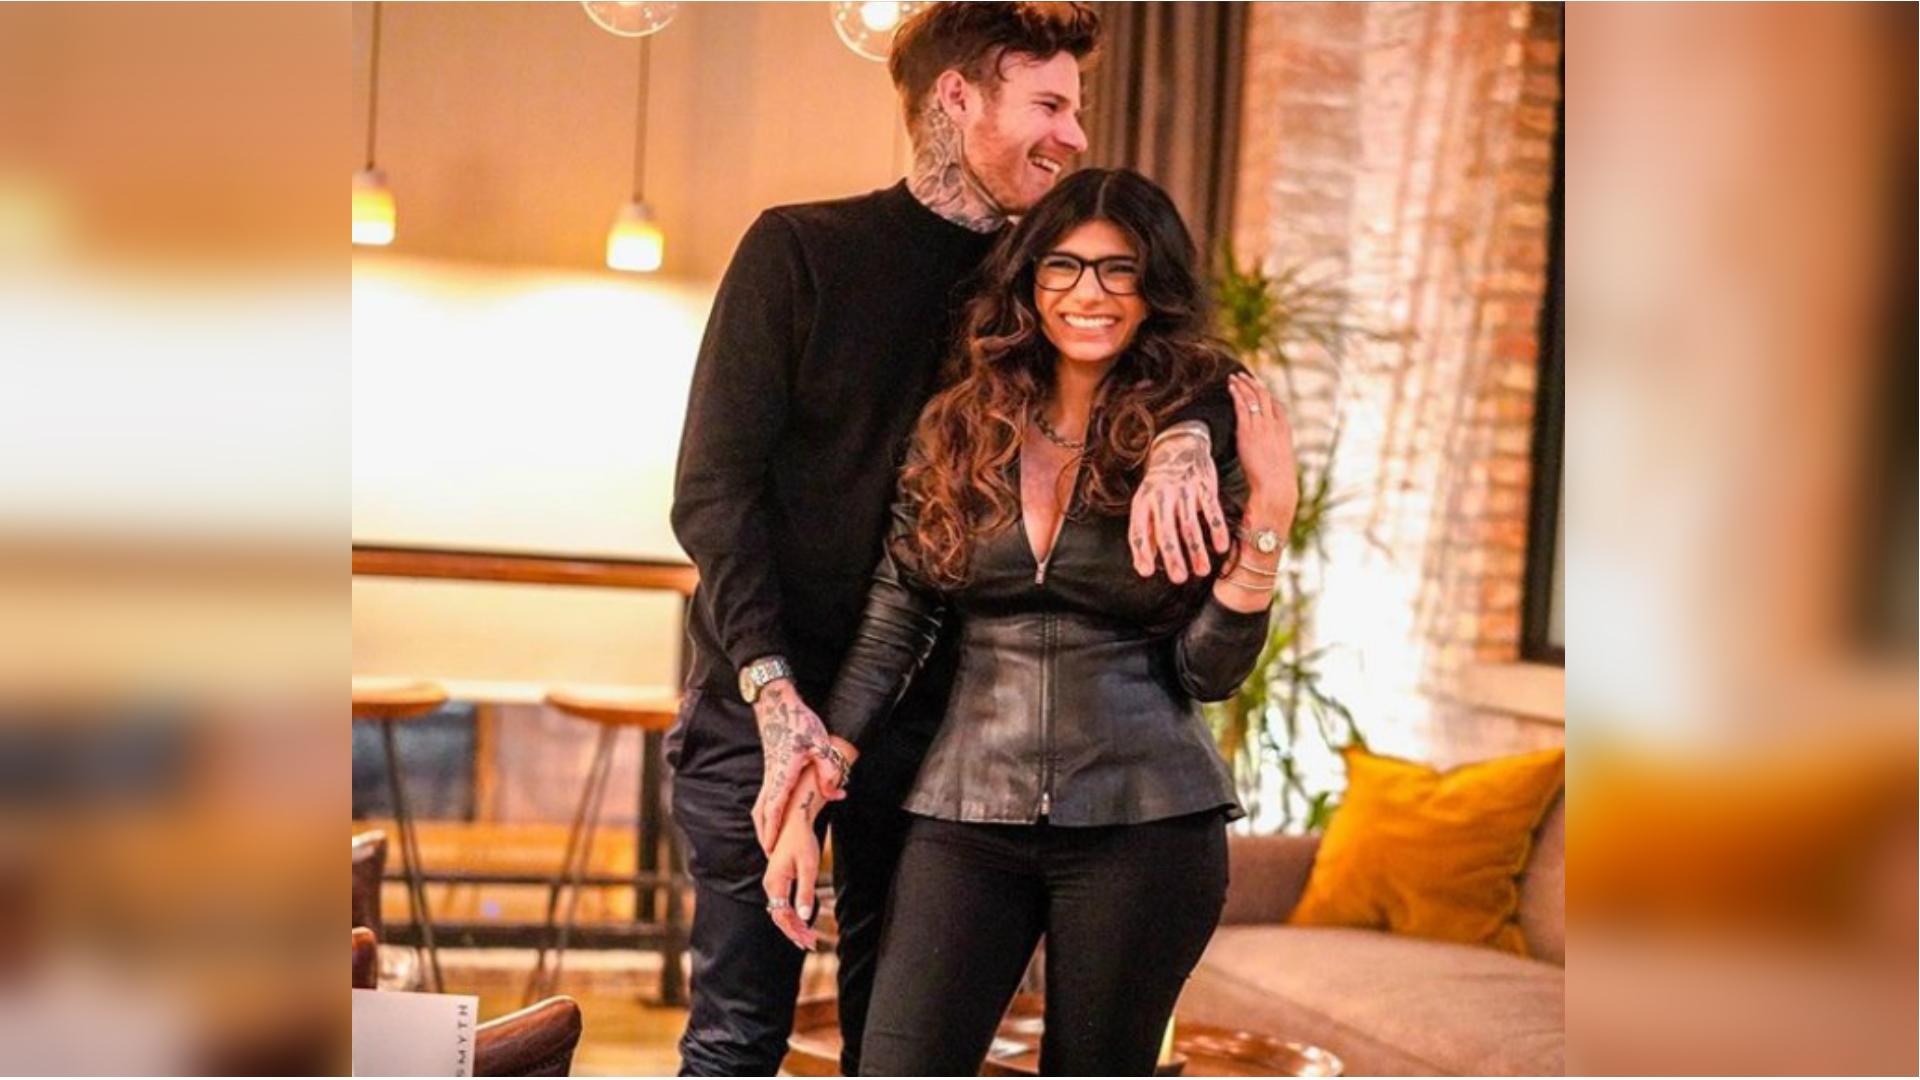 La pareja se comprometió durante una visita a Chicago (Foto: Instagram)